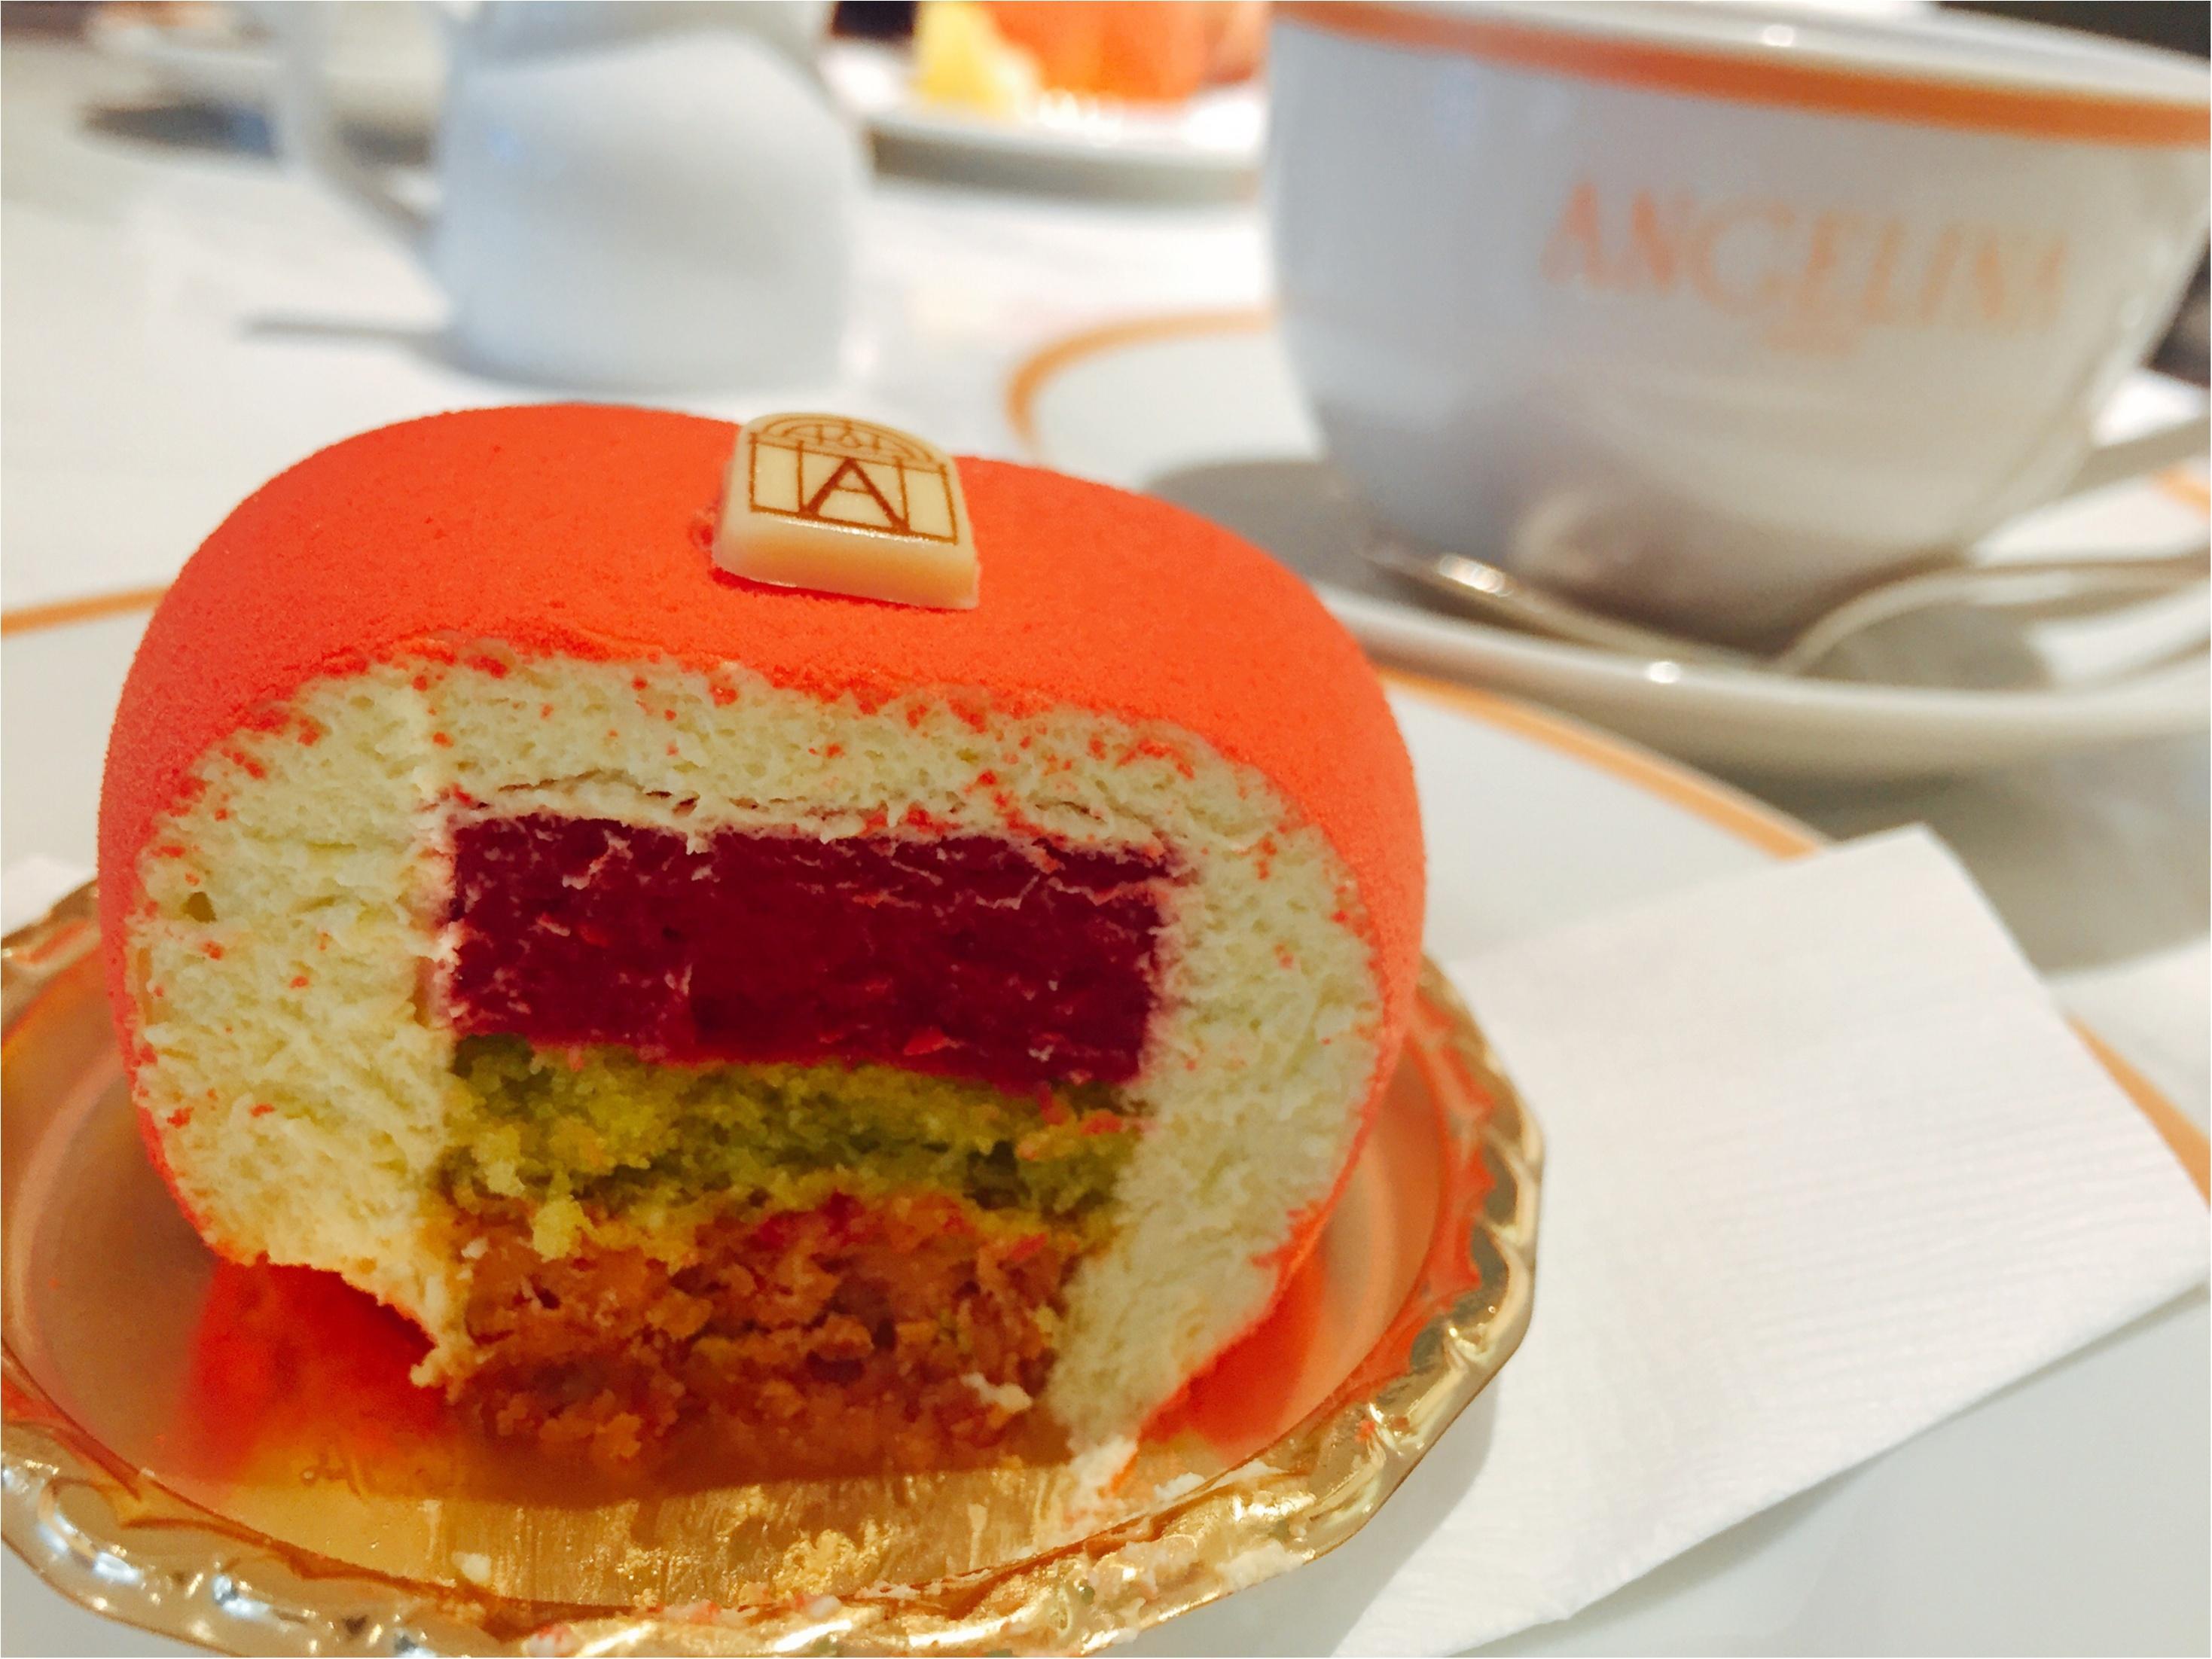 【バレンタイン限定】1903年創業のパリ老舗サロン「ANGELINA」のハート♡ケーキが可愛すぎて食べるのがもったいない!!_7_1